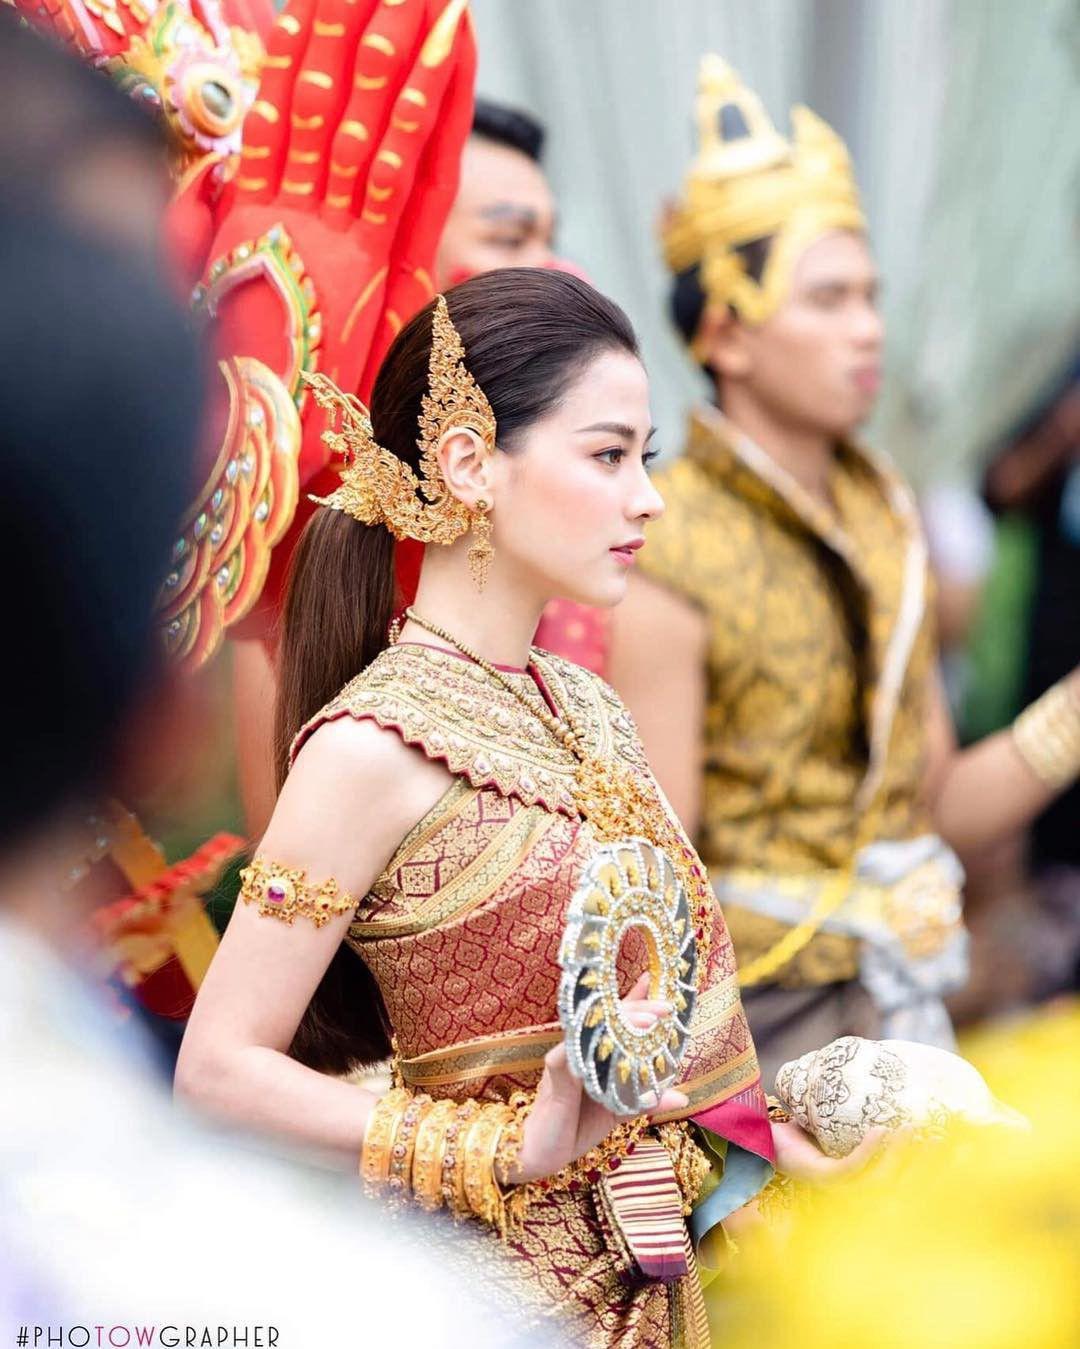 Ngắm nhăn sắc đỉnh cao của dàn mỹ nhân Tbiz khi hóa nữ thần tại Songkran 2019 (2)